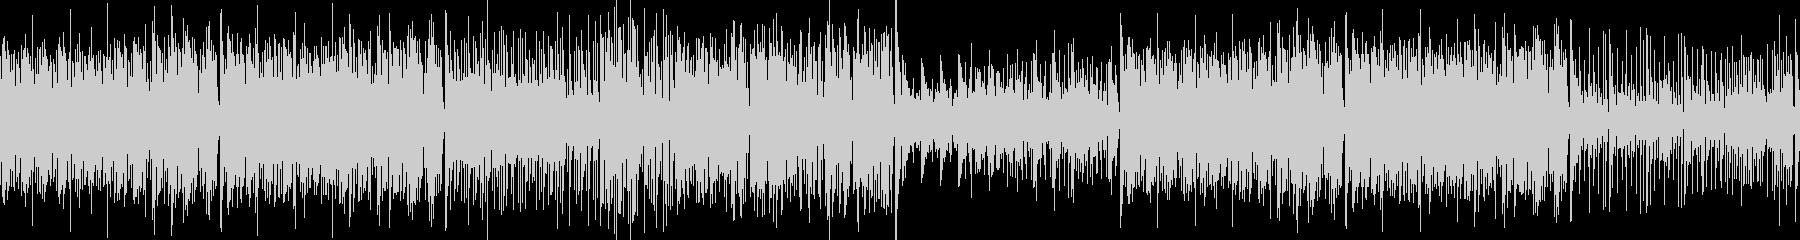 大人ジャズっぽい ピアノ ブラス ループの未再生の波形